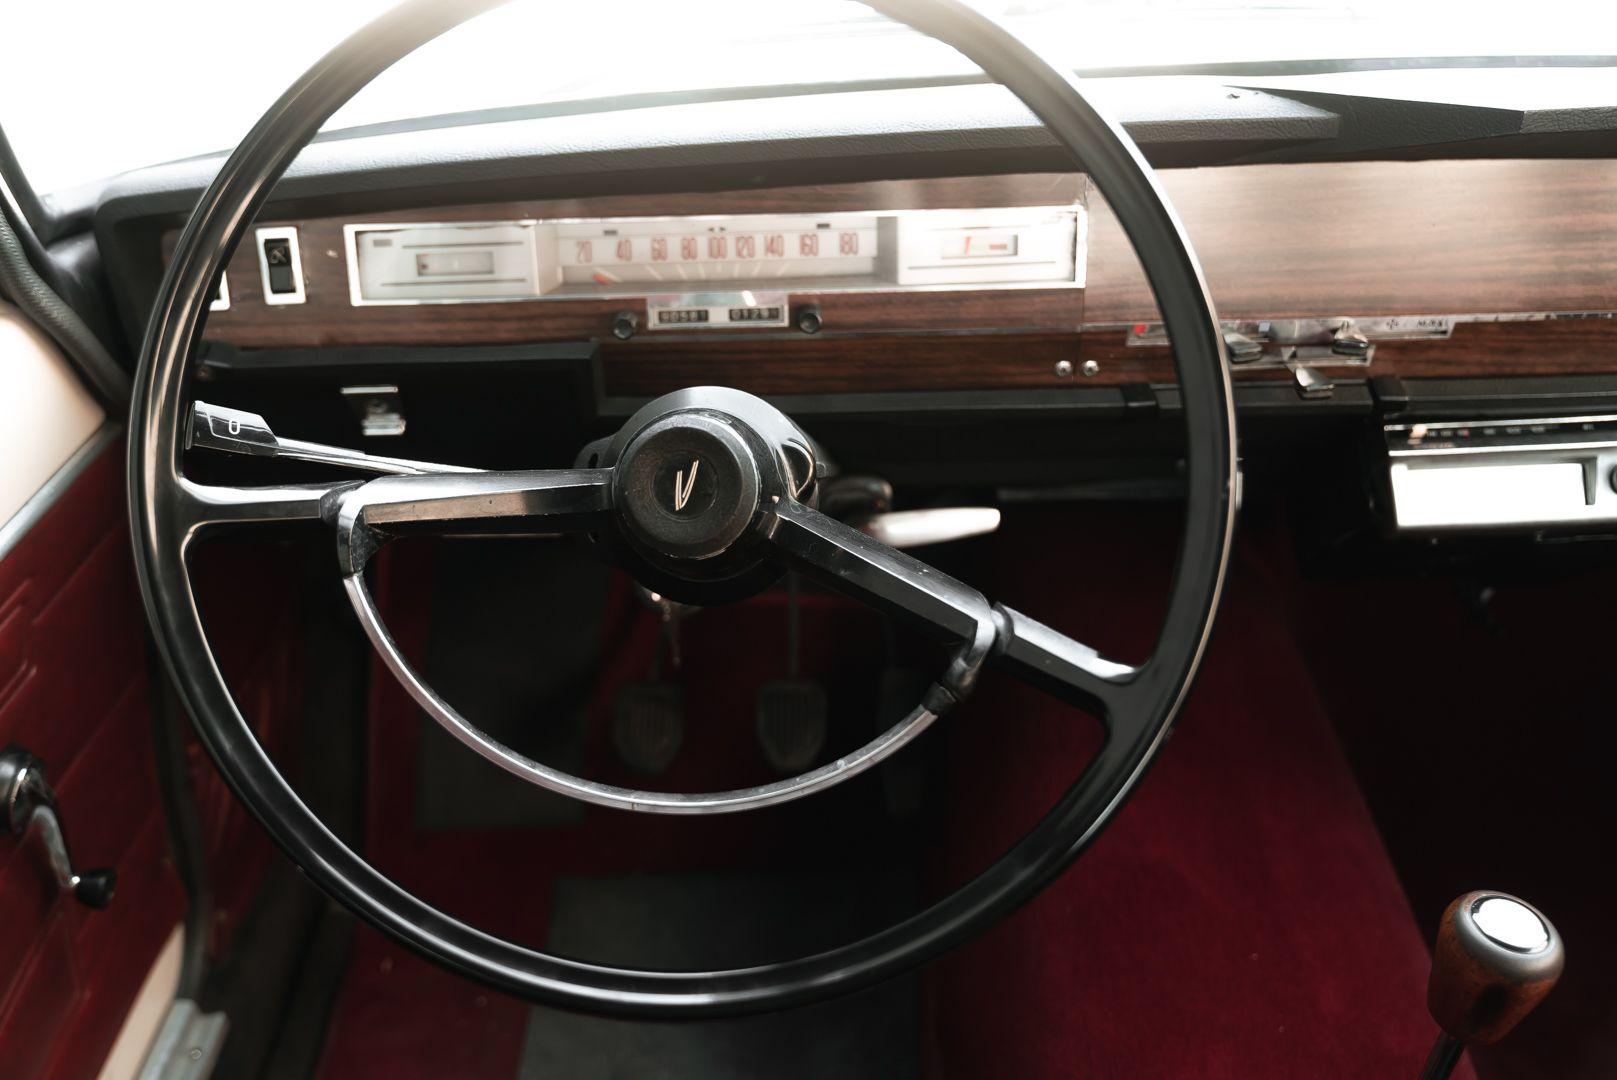 1969 Simca 1301 EL 81042